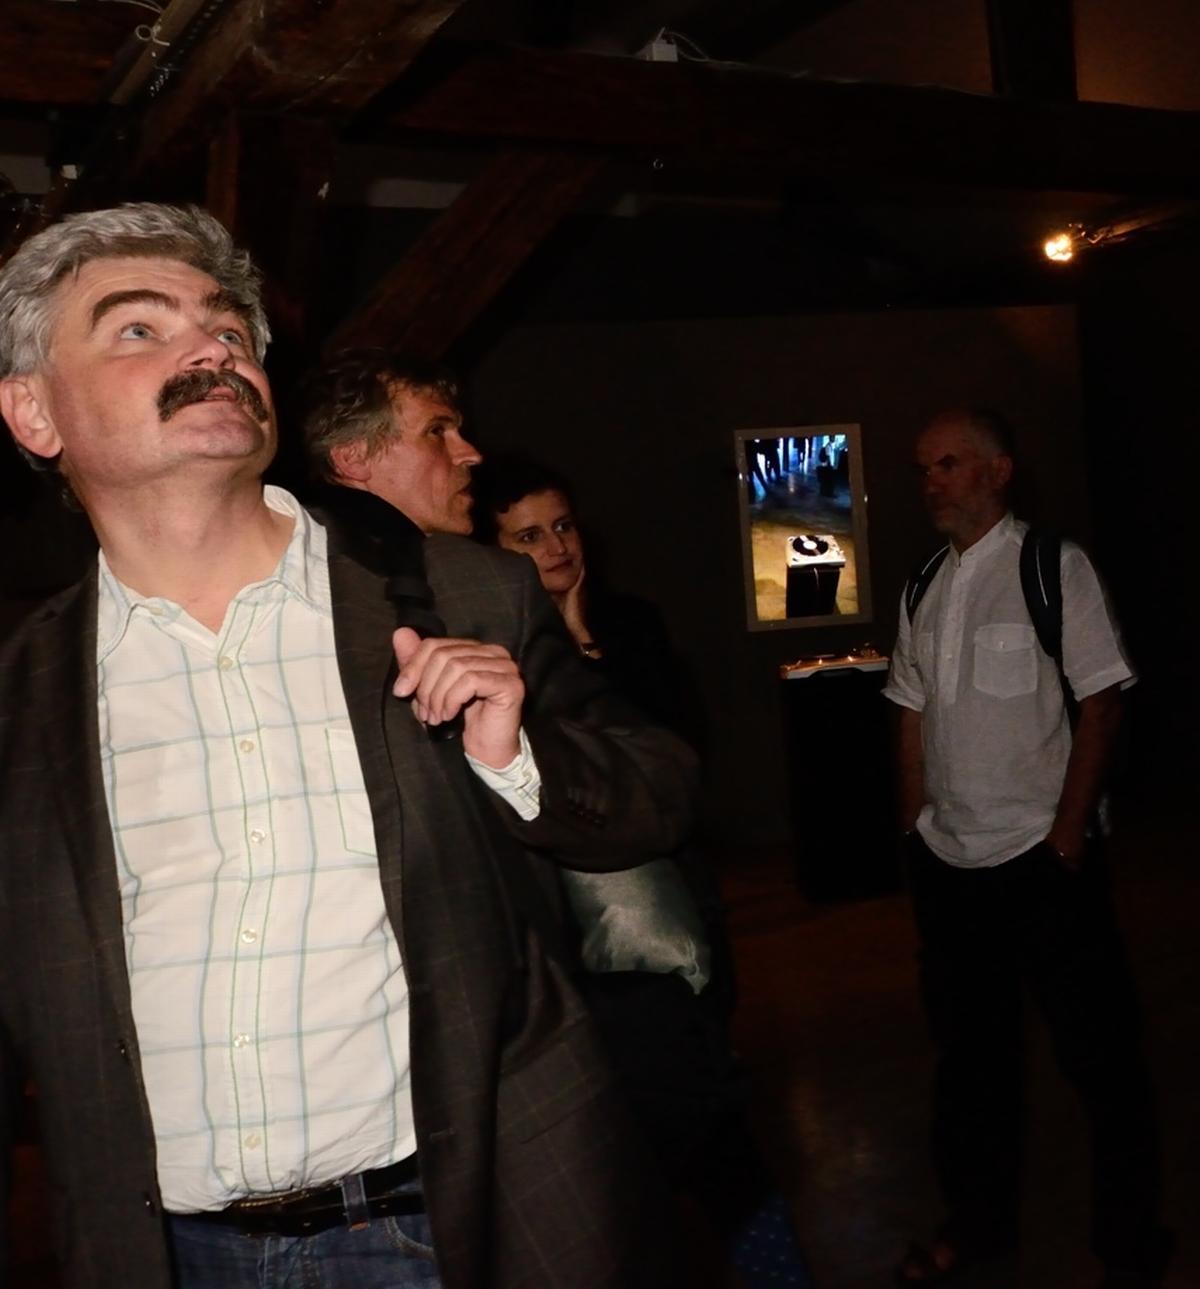 Edwin Bendyk, za nim Piotr Krajewski i Ola Wasilkowska podczas oprowadzanie po wystawie, w głęgi instalacja Pawła Janickiego Vinyl Video Delay. Zmienne-Stałe-Błądzące. AC/DC/IT, wystawa WRO Art Center, fot. WRO